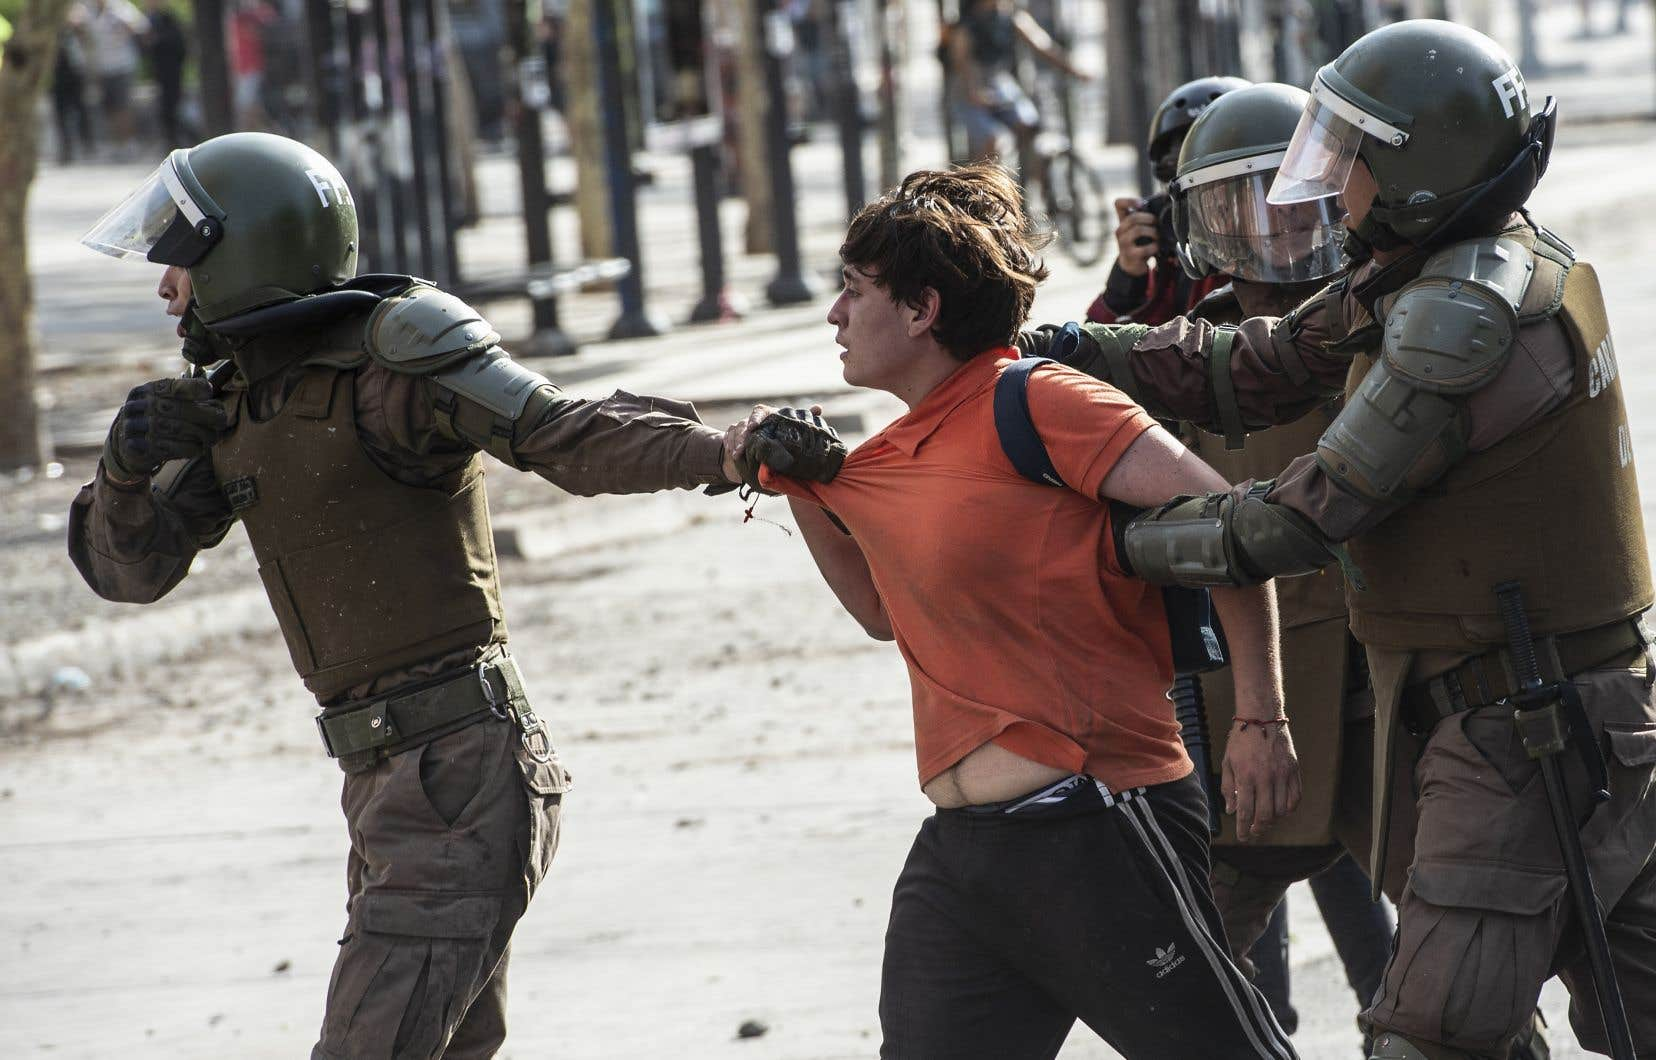 «Les policiers n'ont, à plusieurs reprises, fait aucune distinction entre manifestants pacifiques et manifestants violents», indique le rapport du Haut-Commissariat aux droits de l'homme.